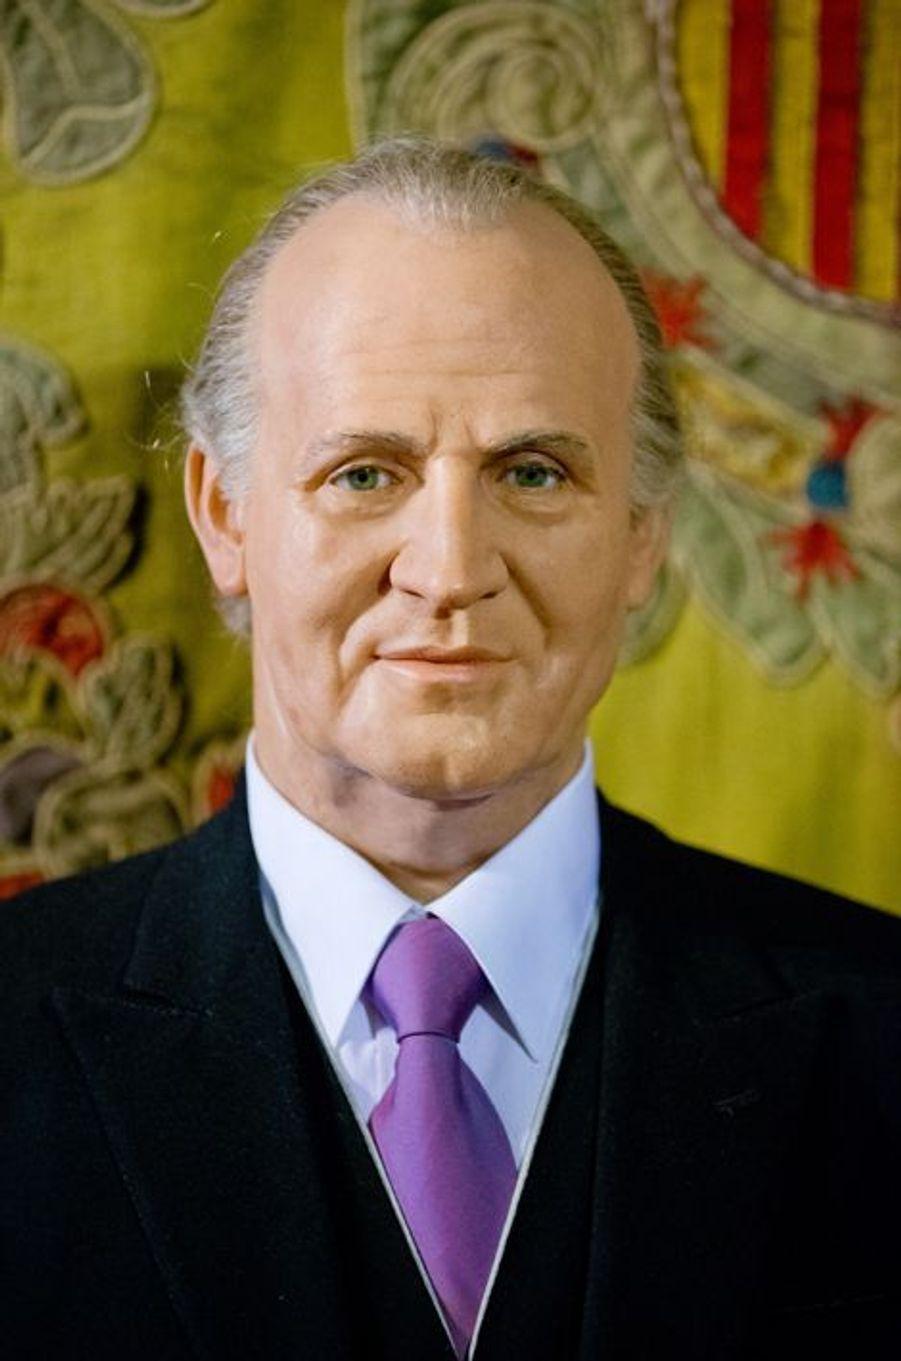 La statue de cire de l'ancien roi Juan Carlos au Museo de Cera à Madrid, le 12 octobre 2014